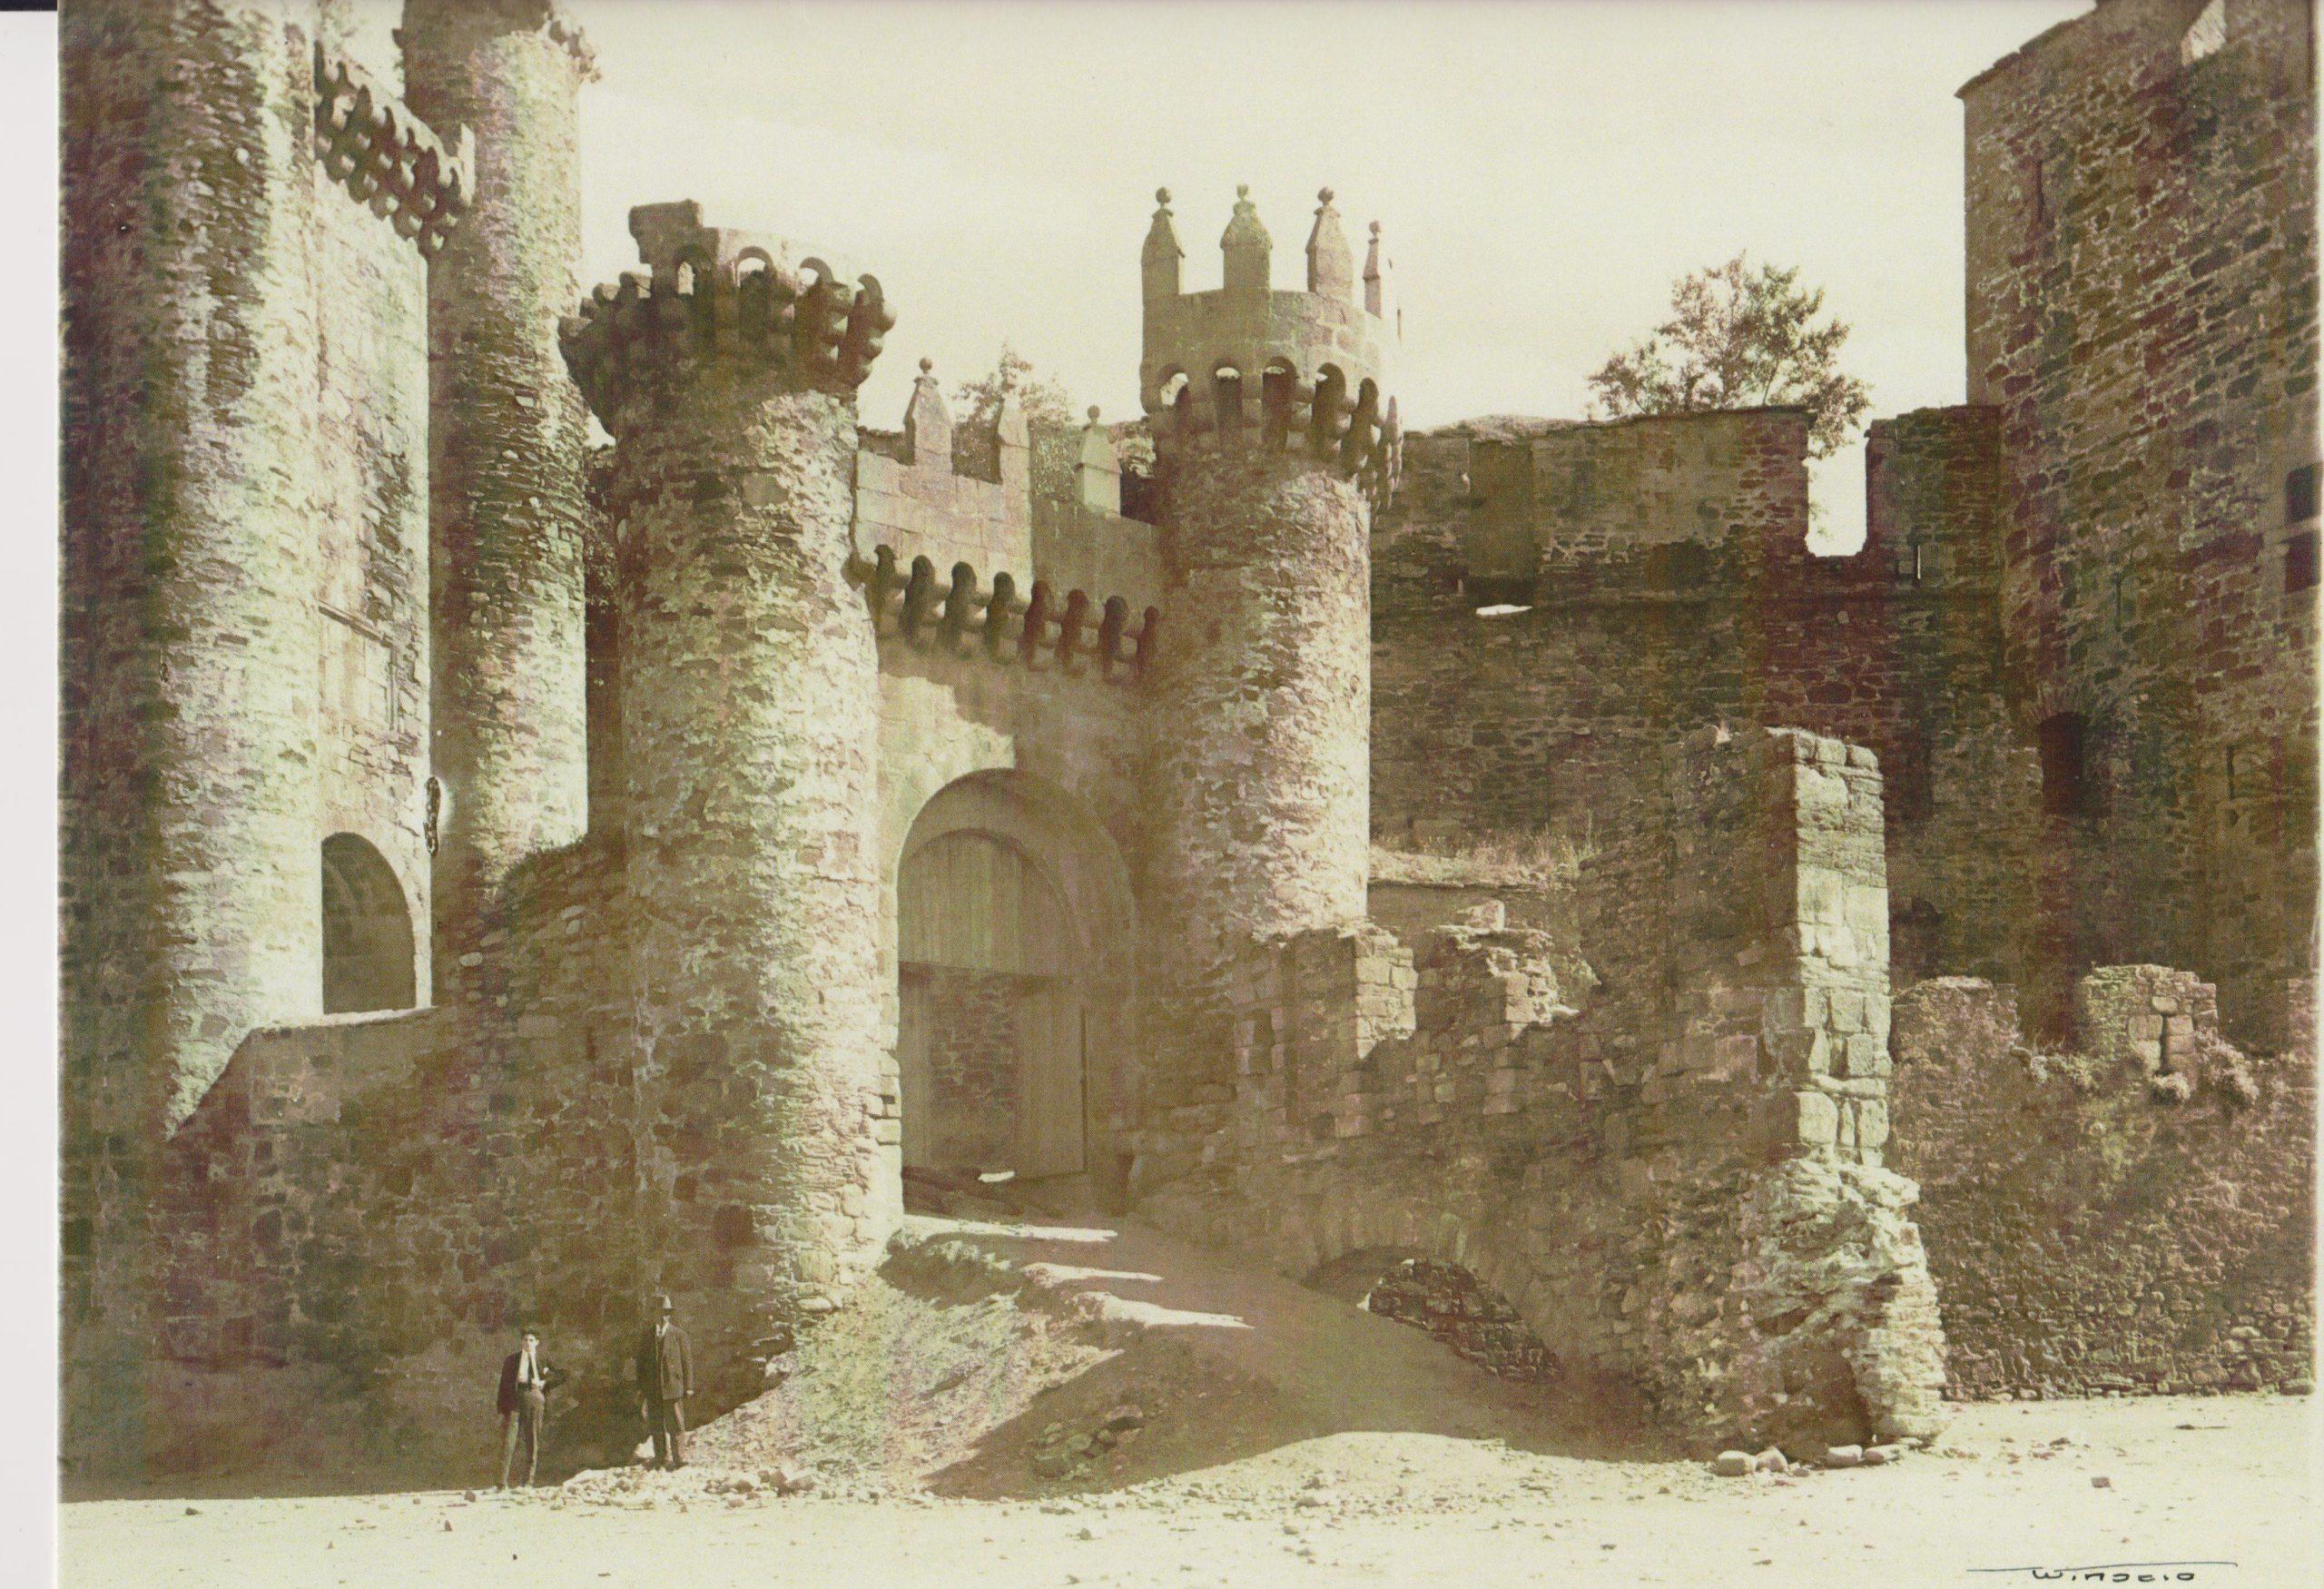 El director de los museos, y del Castillo de Ponferrada recupera una fotografía centenaria que muestra una vista muy diferente de la fortaleza 2